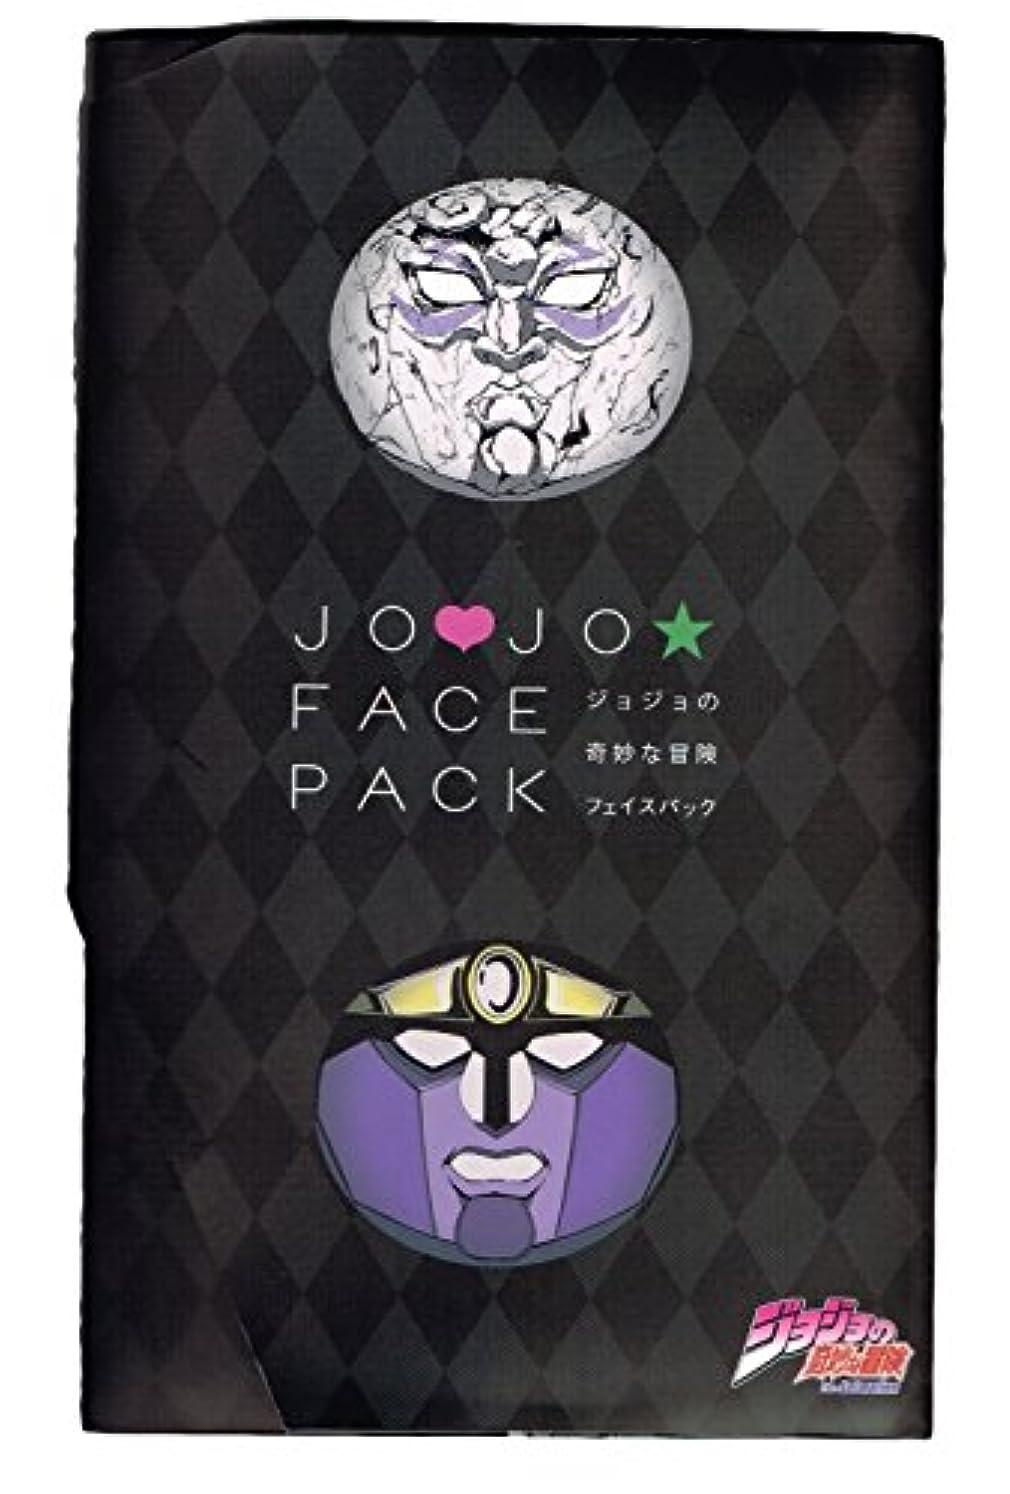 ピンスカウト平和ジョジョの奇妙な冒険フェイスパック 石仮面 / スタープラチナ